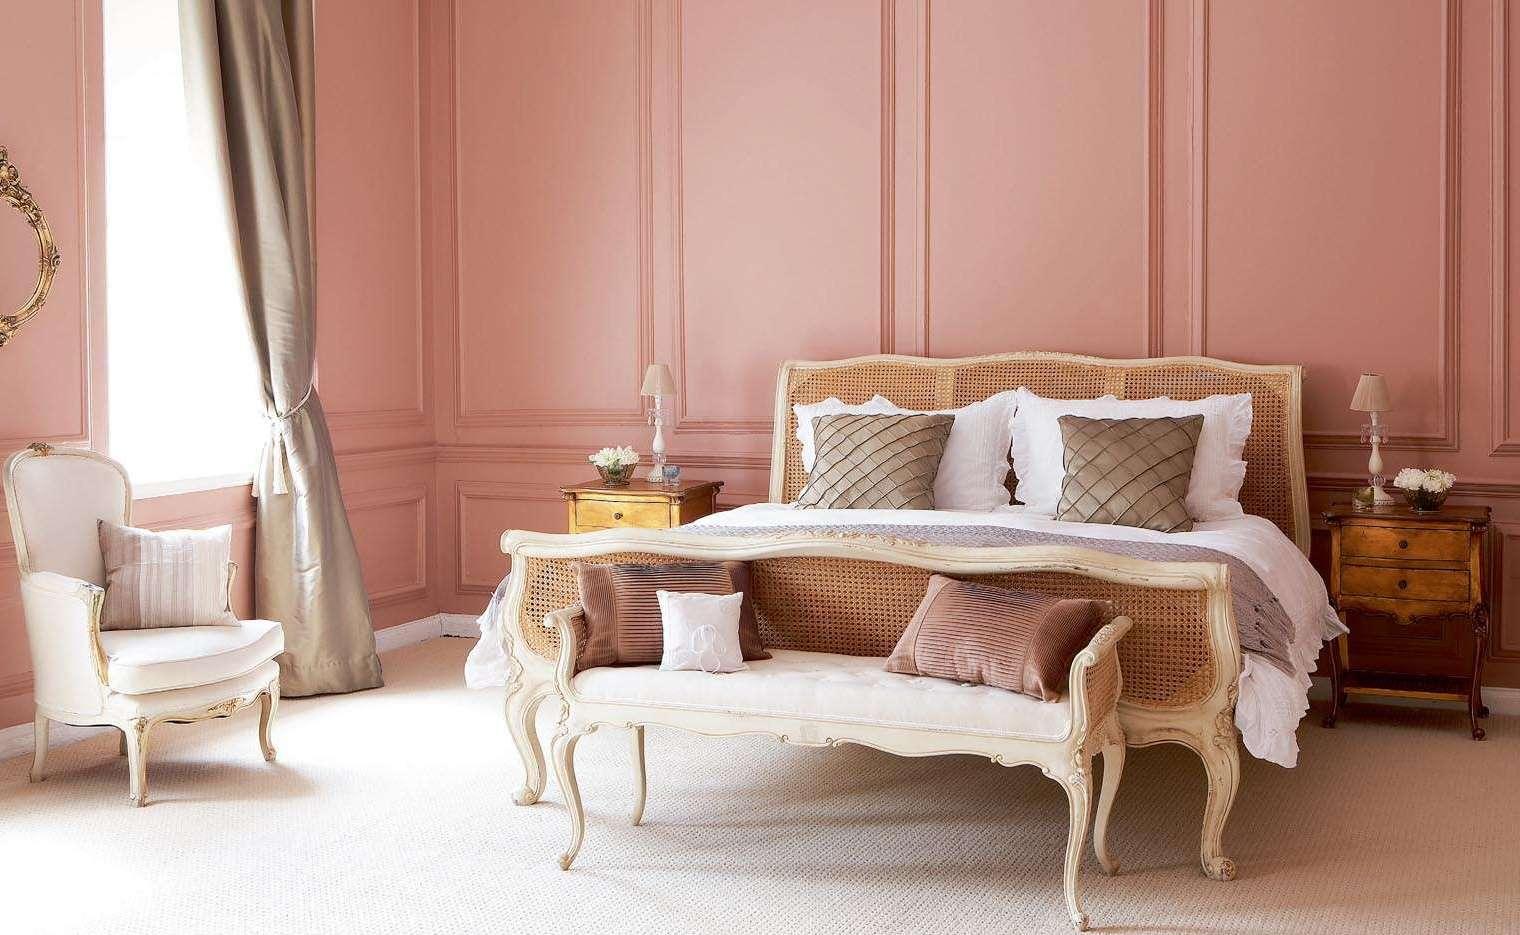 schöne wandfarben schlafzimmer-bett und sessel barockstil weiß-gardinen grau